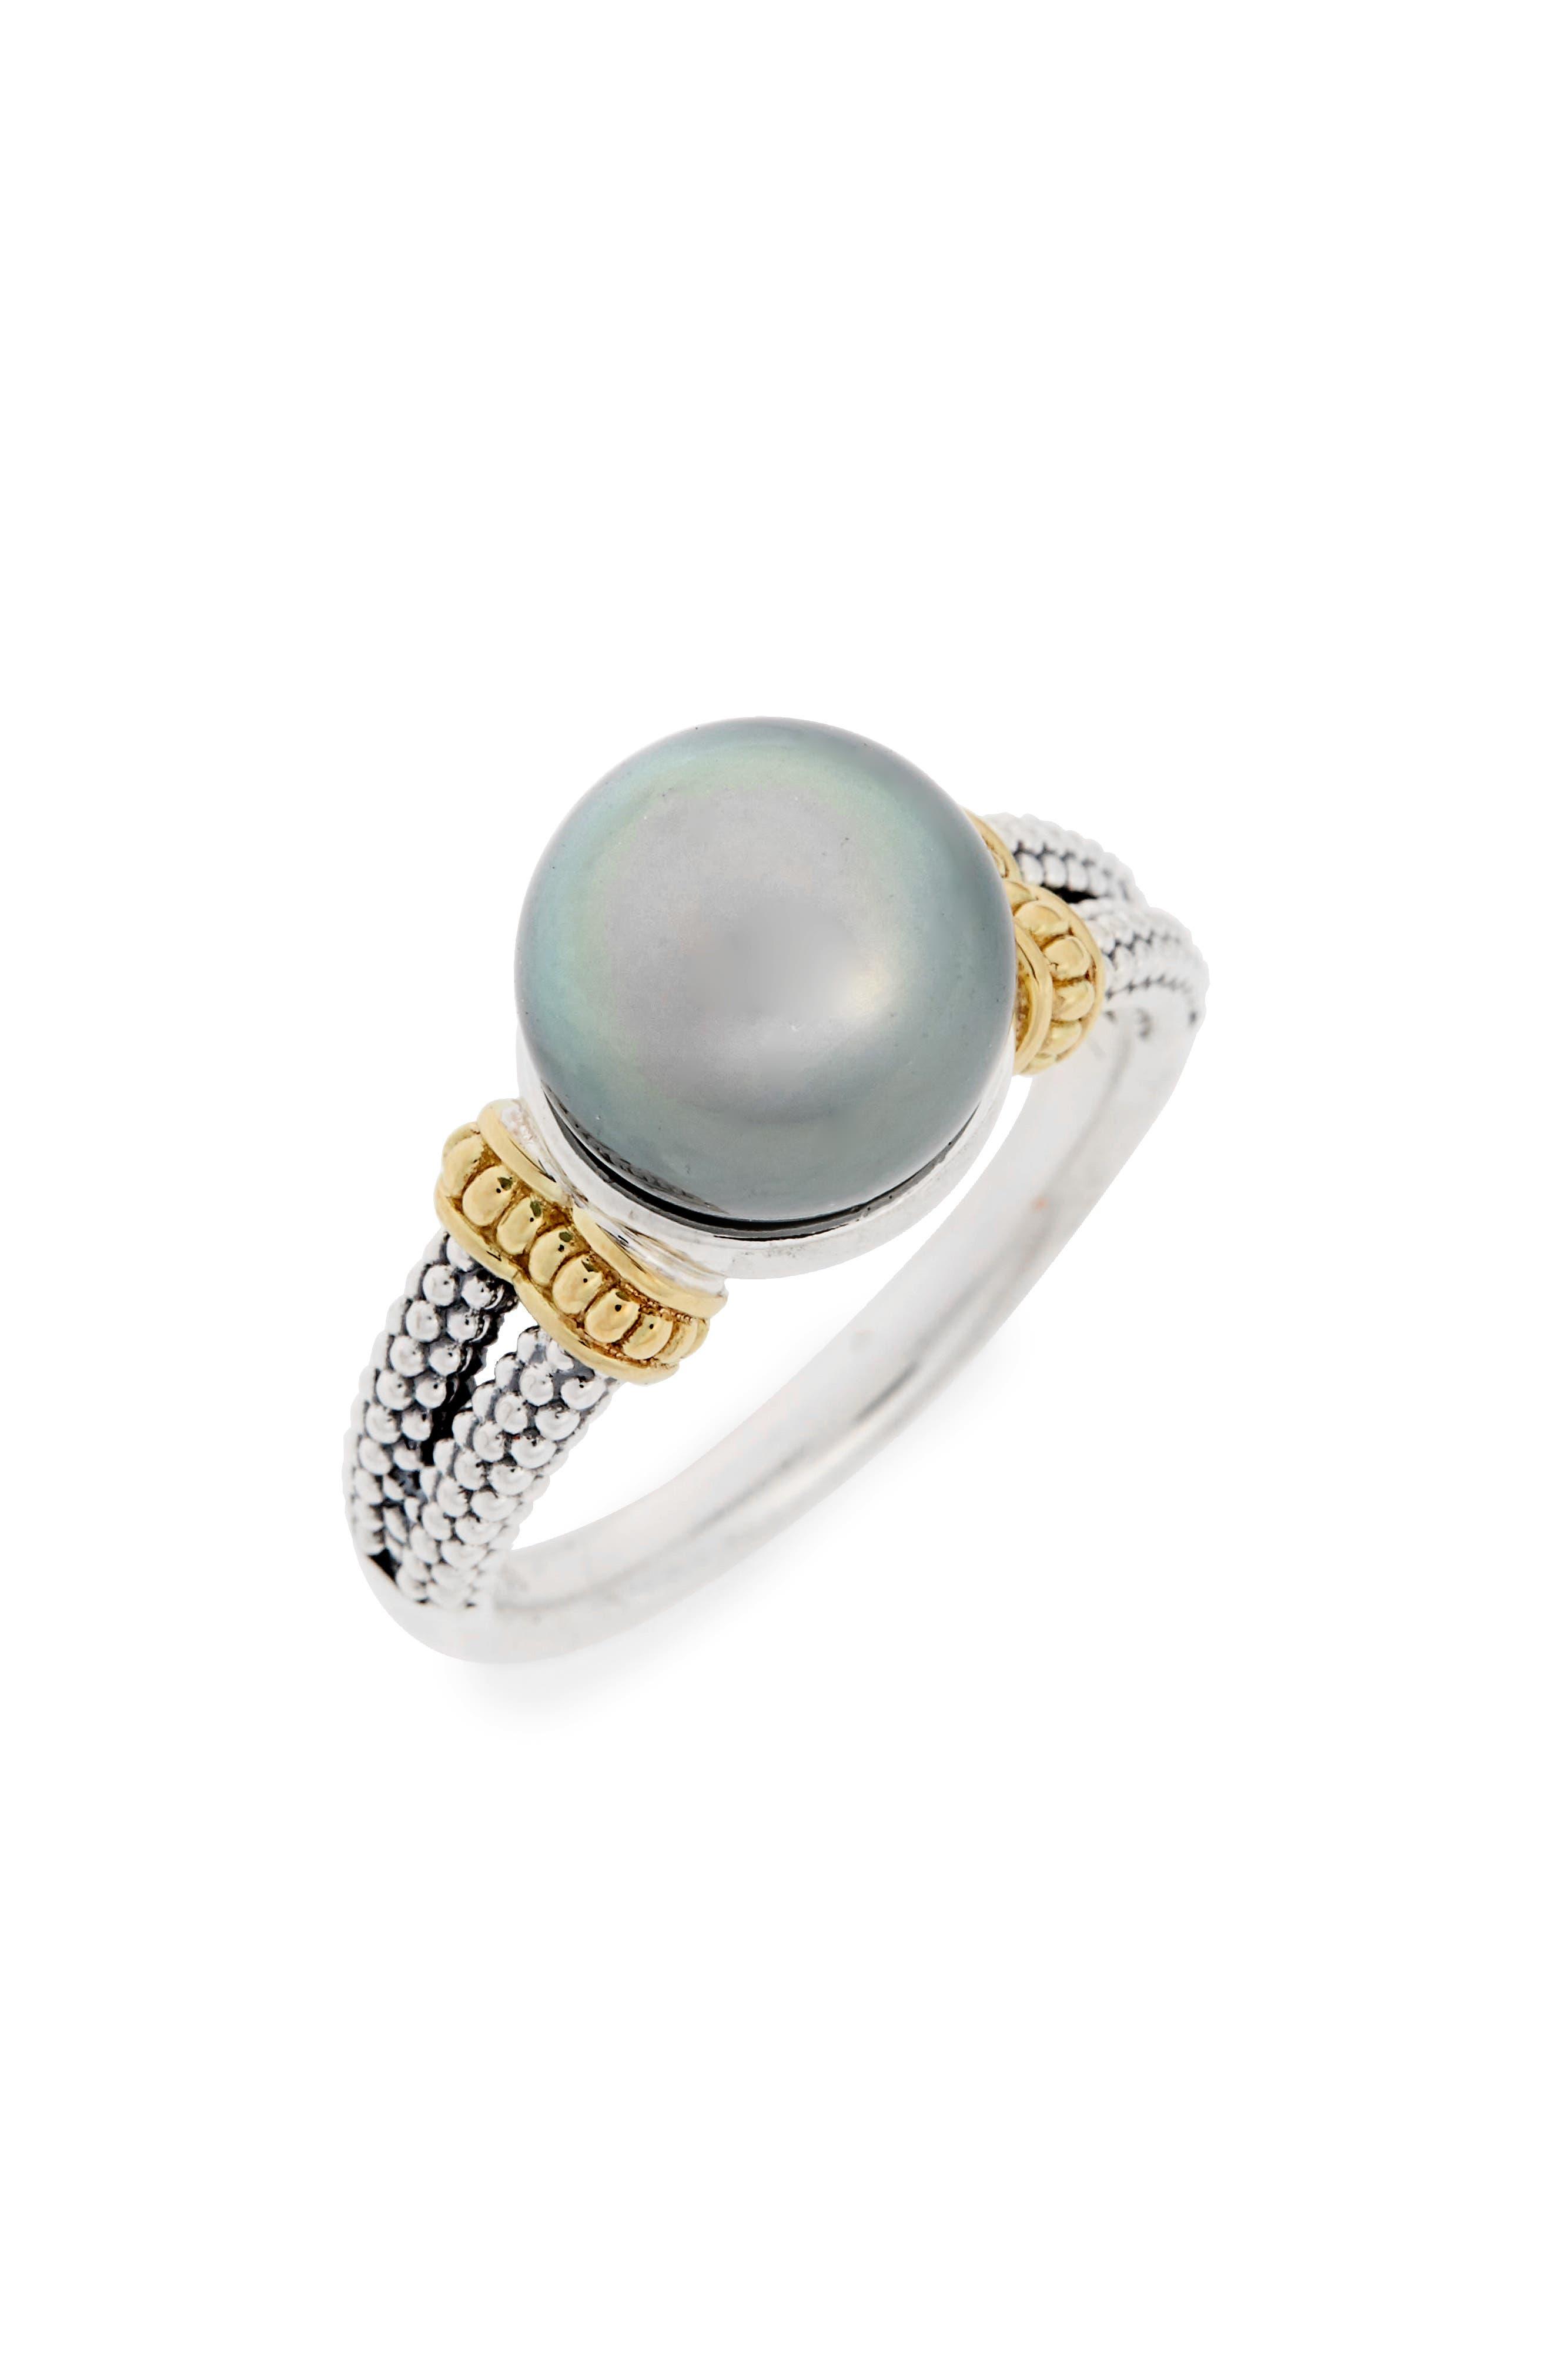 Main Image - LAGOS Luna Pearl Ring